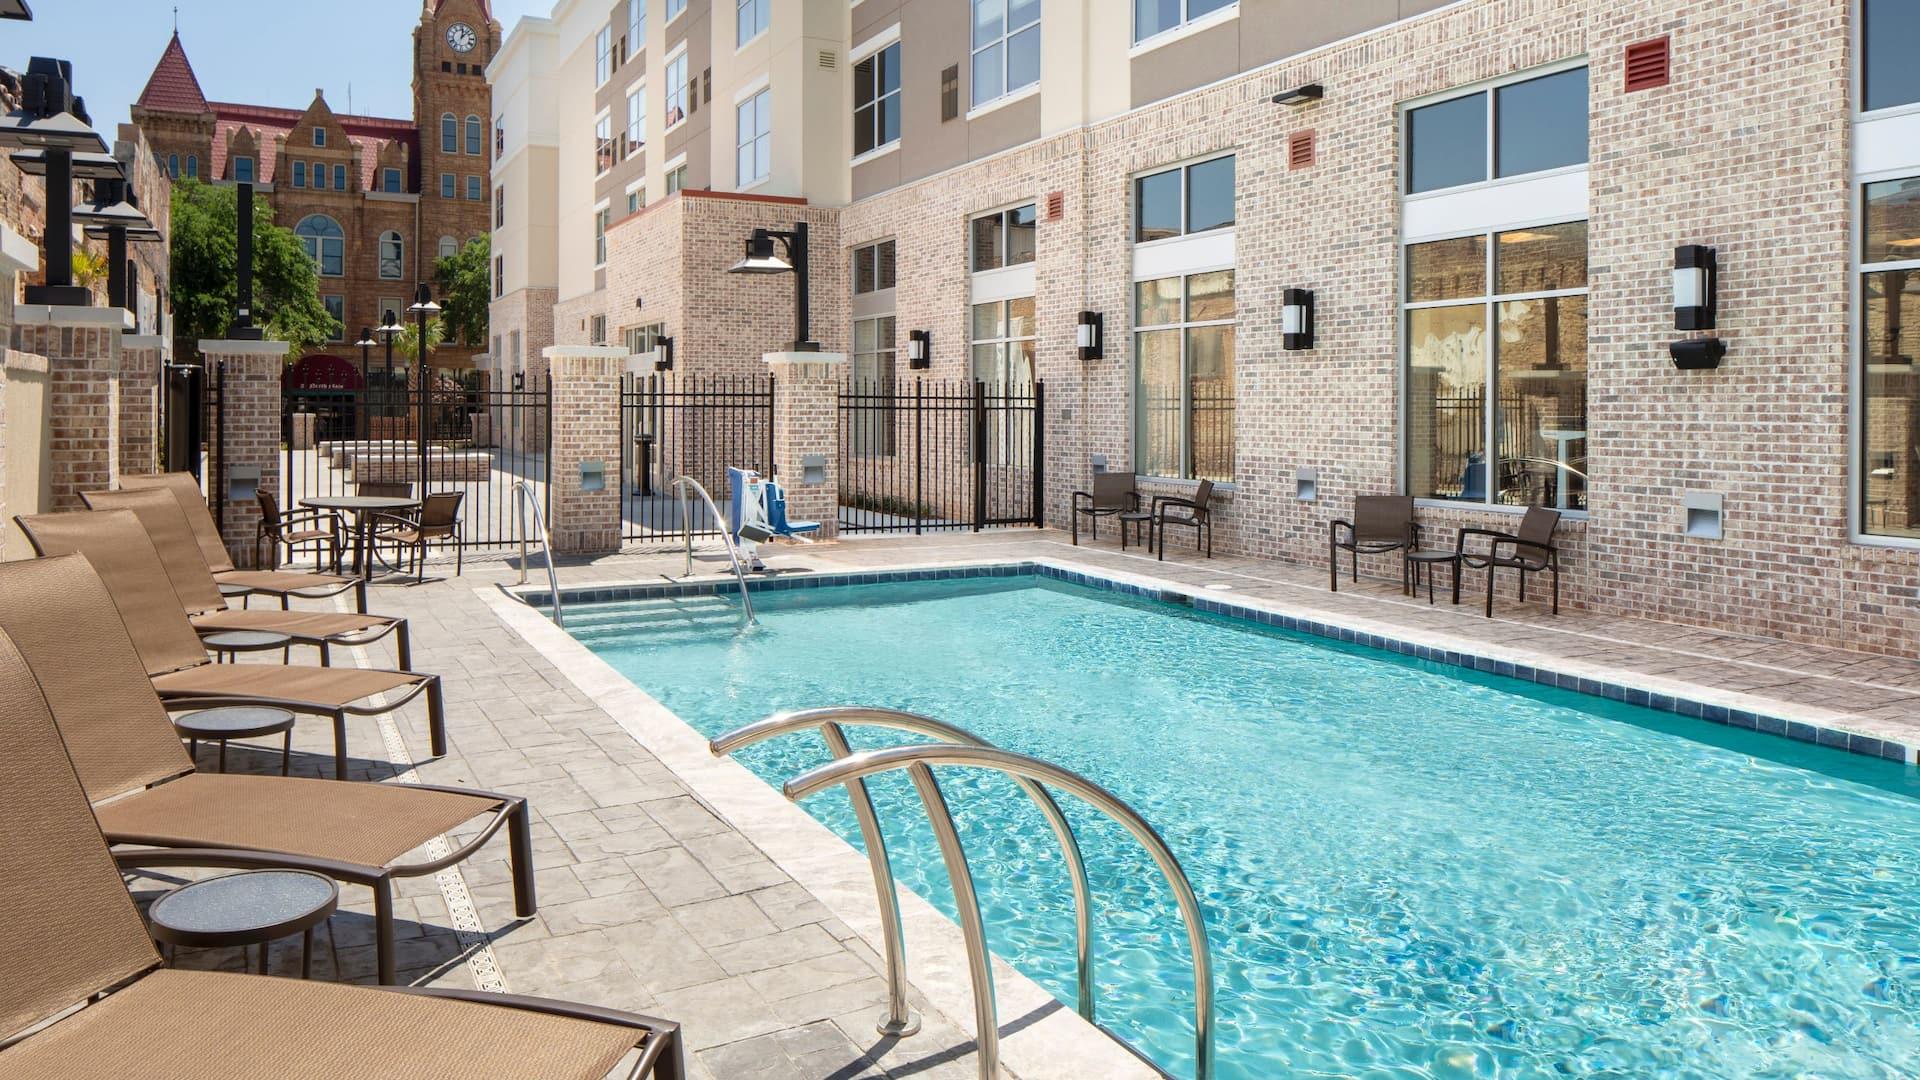 hyatt hotel outdoor pool